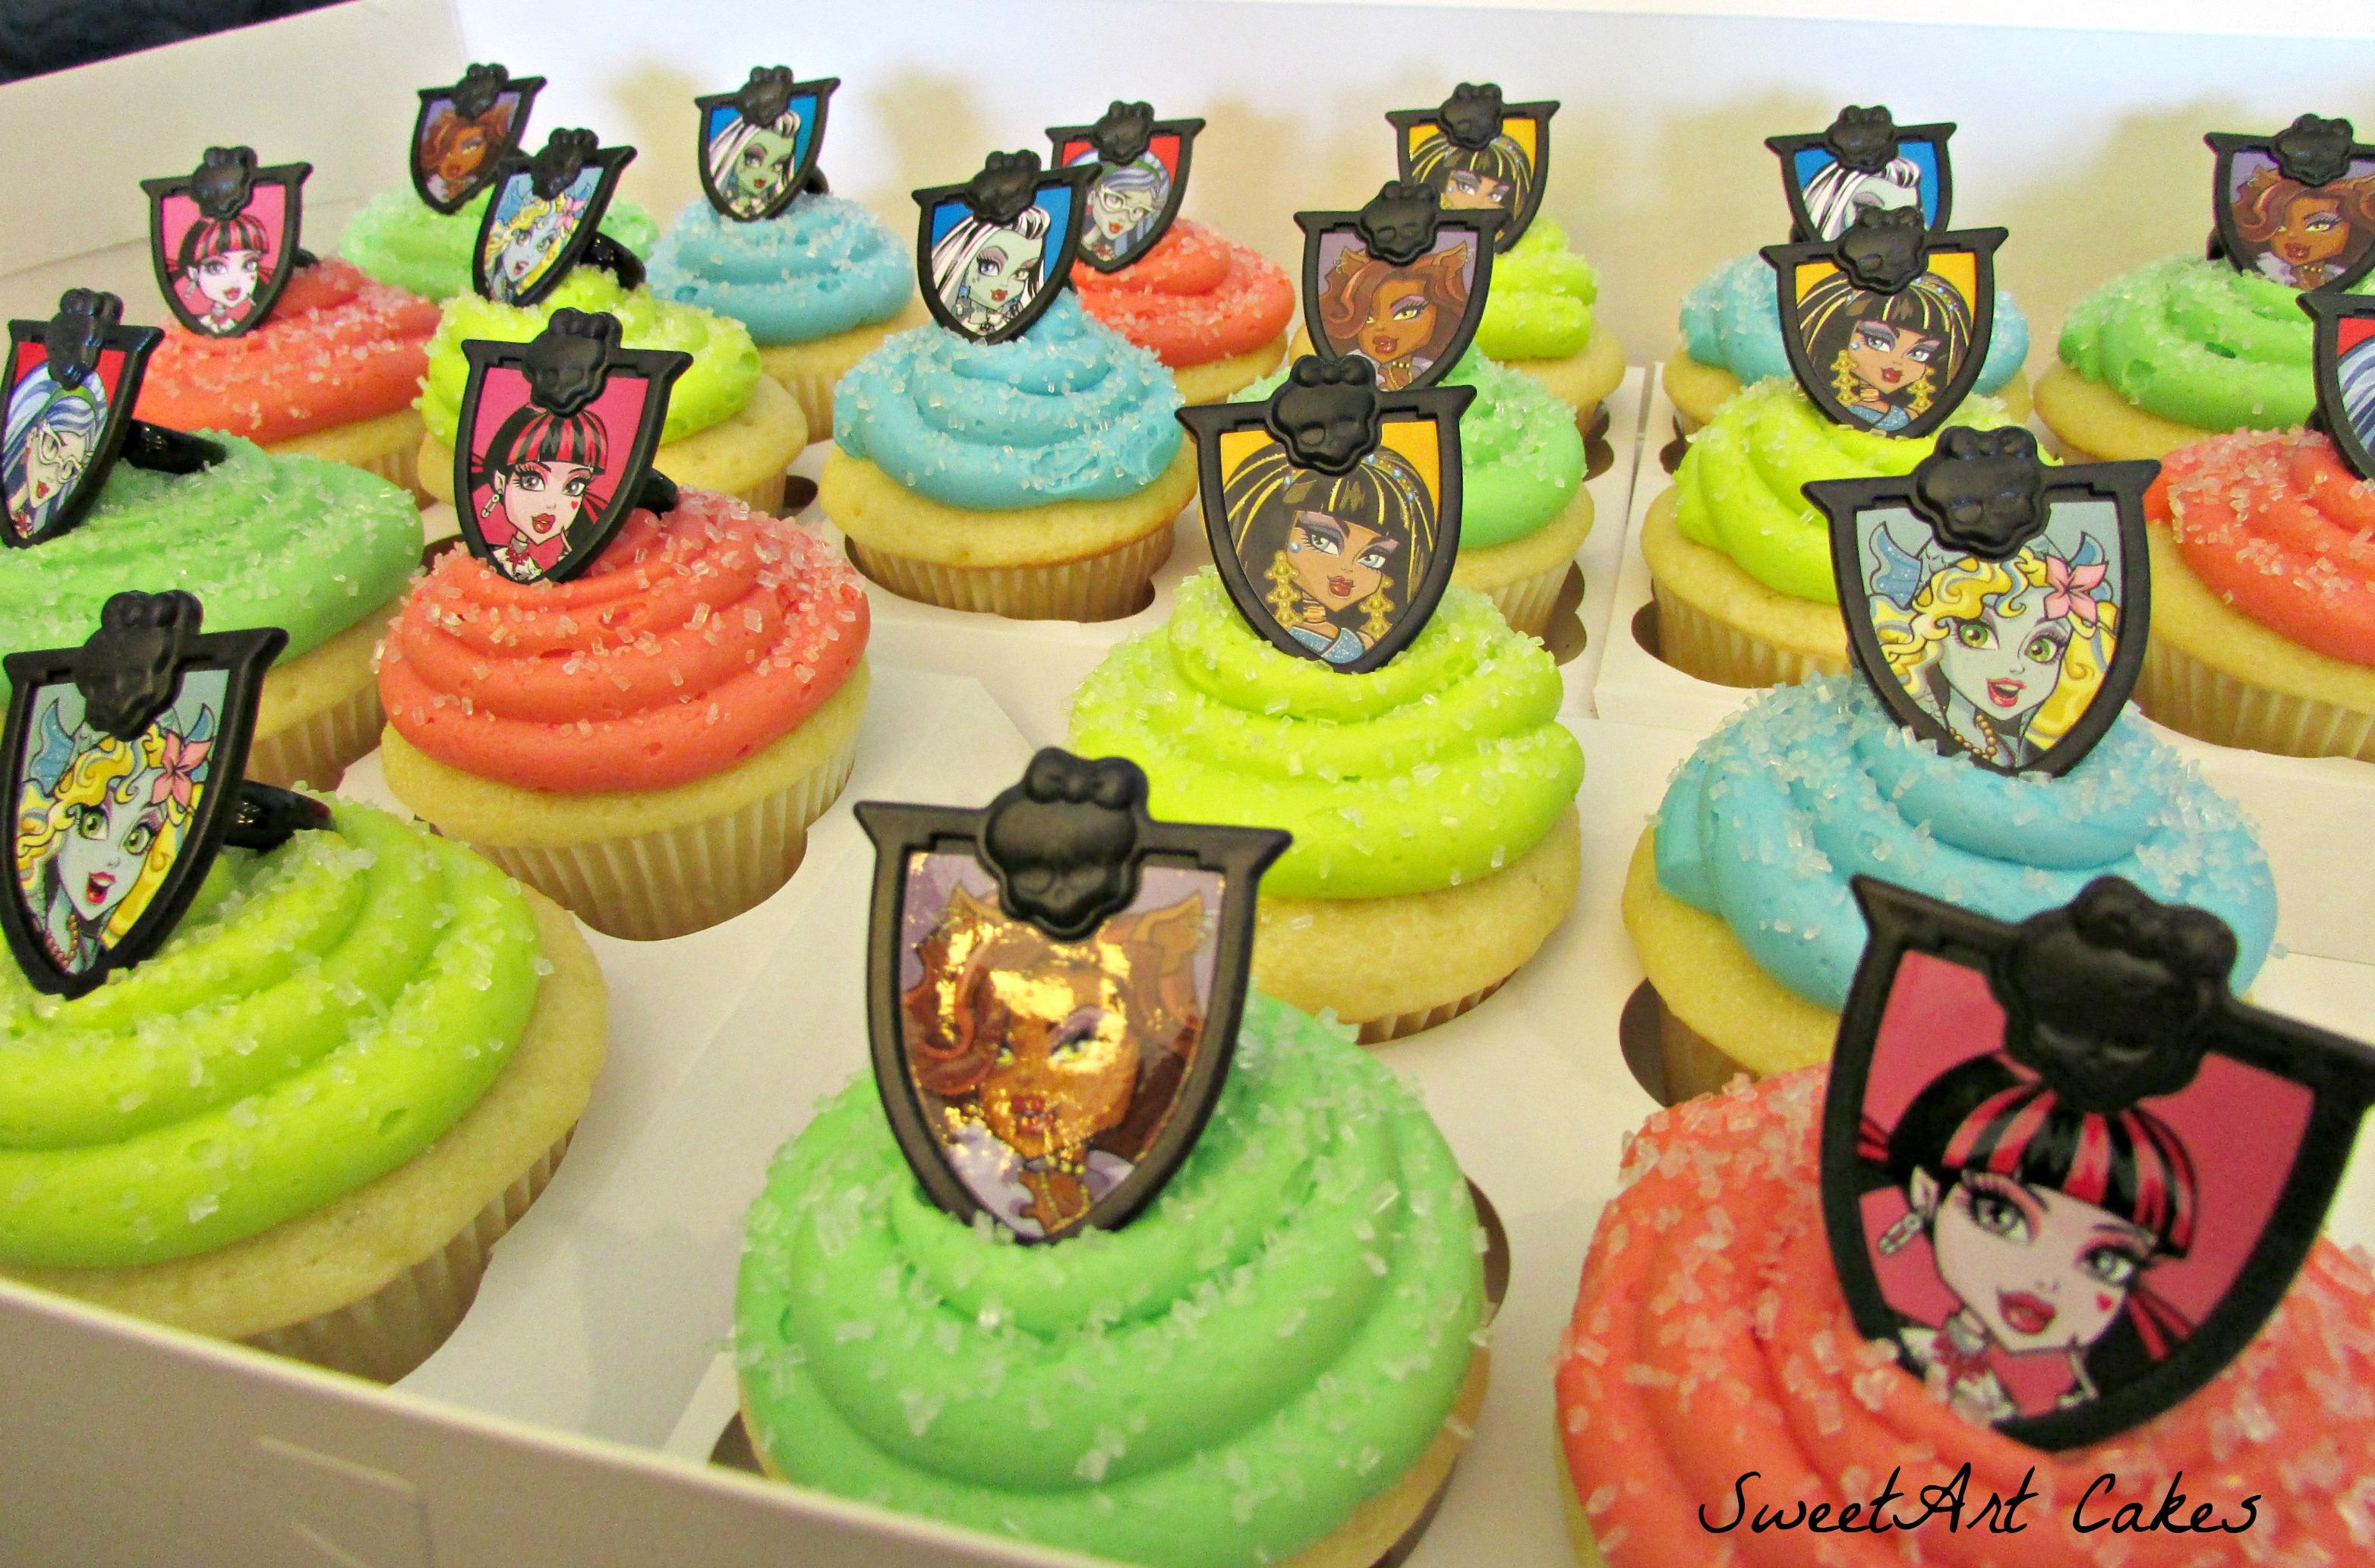 Kool-Aid Kupcakes